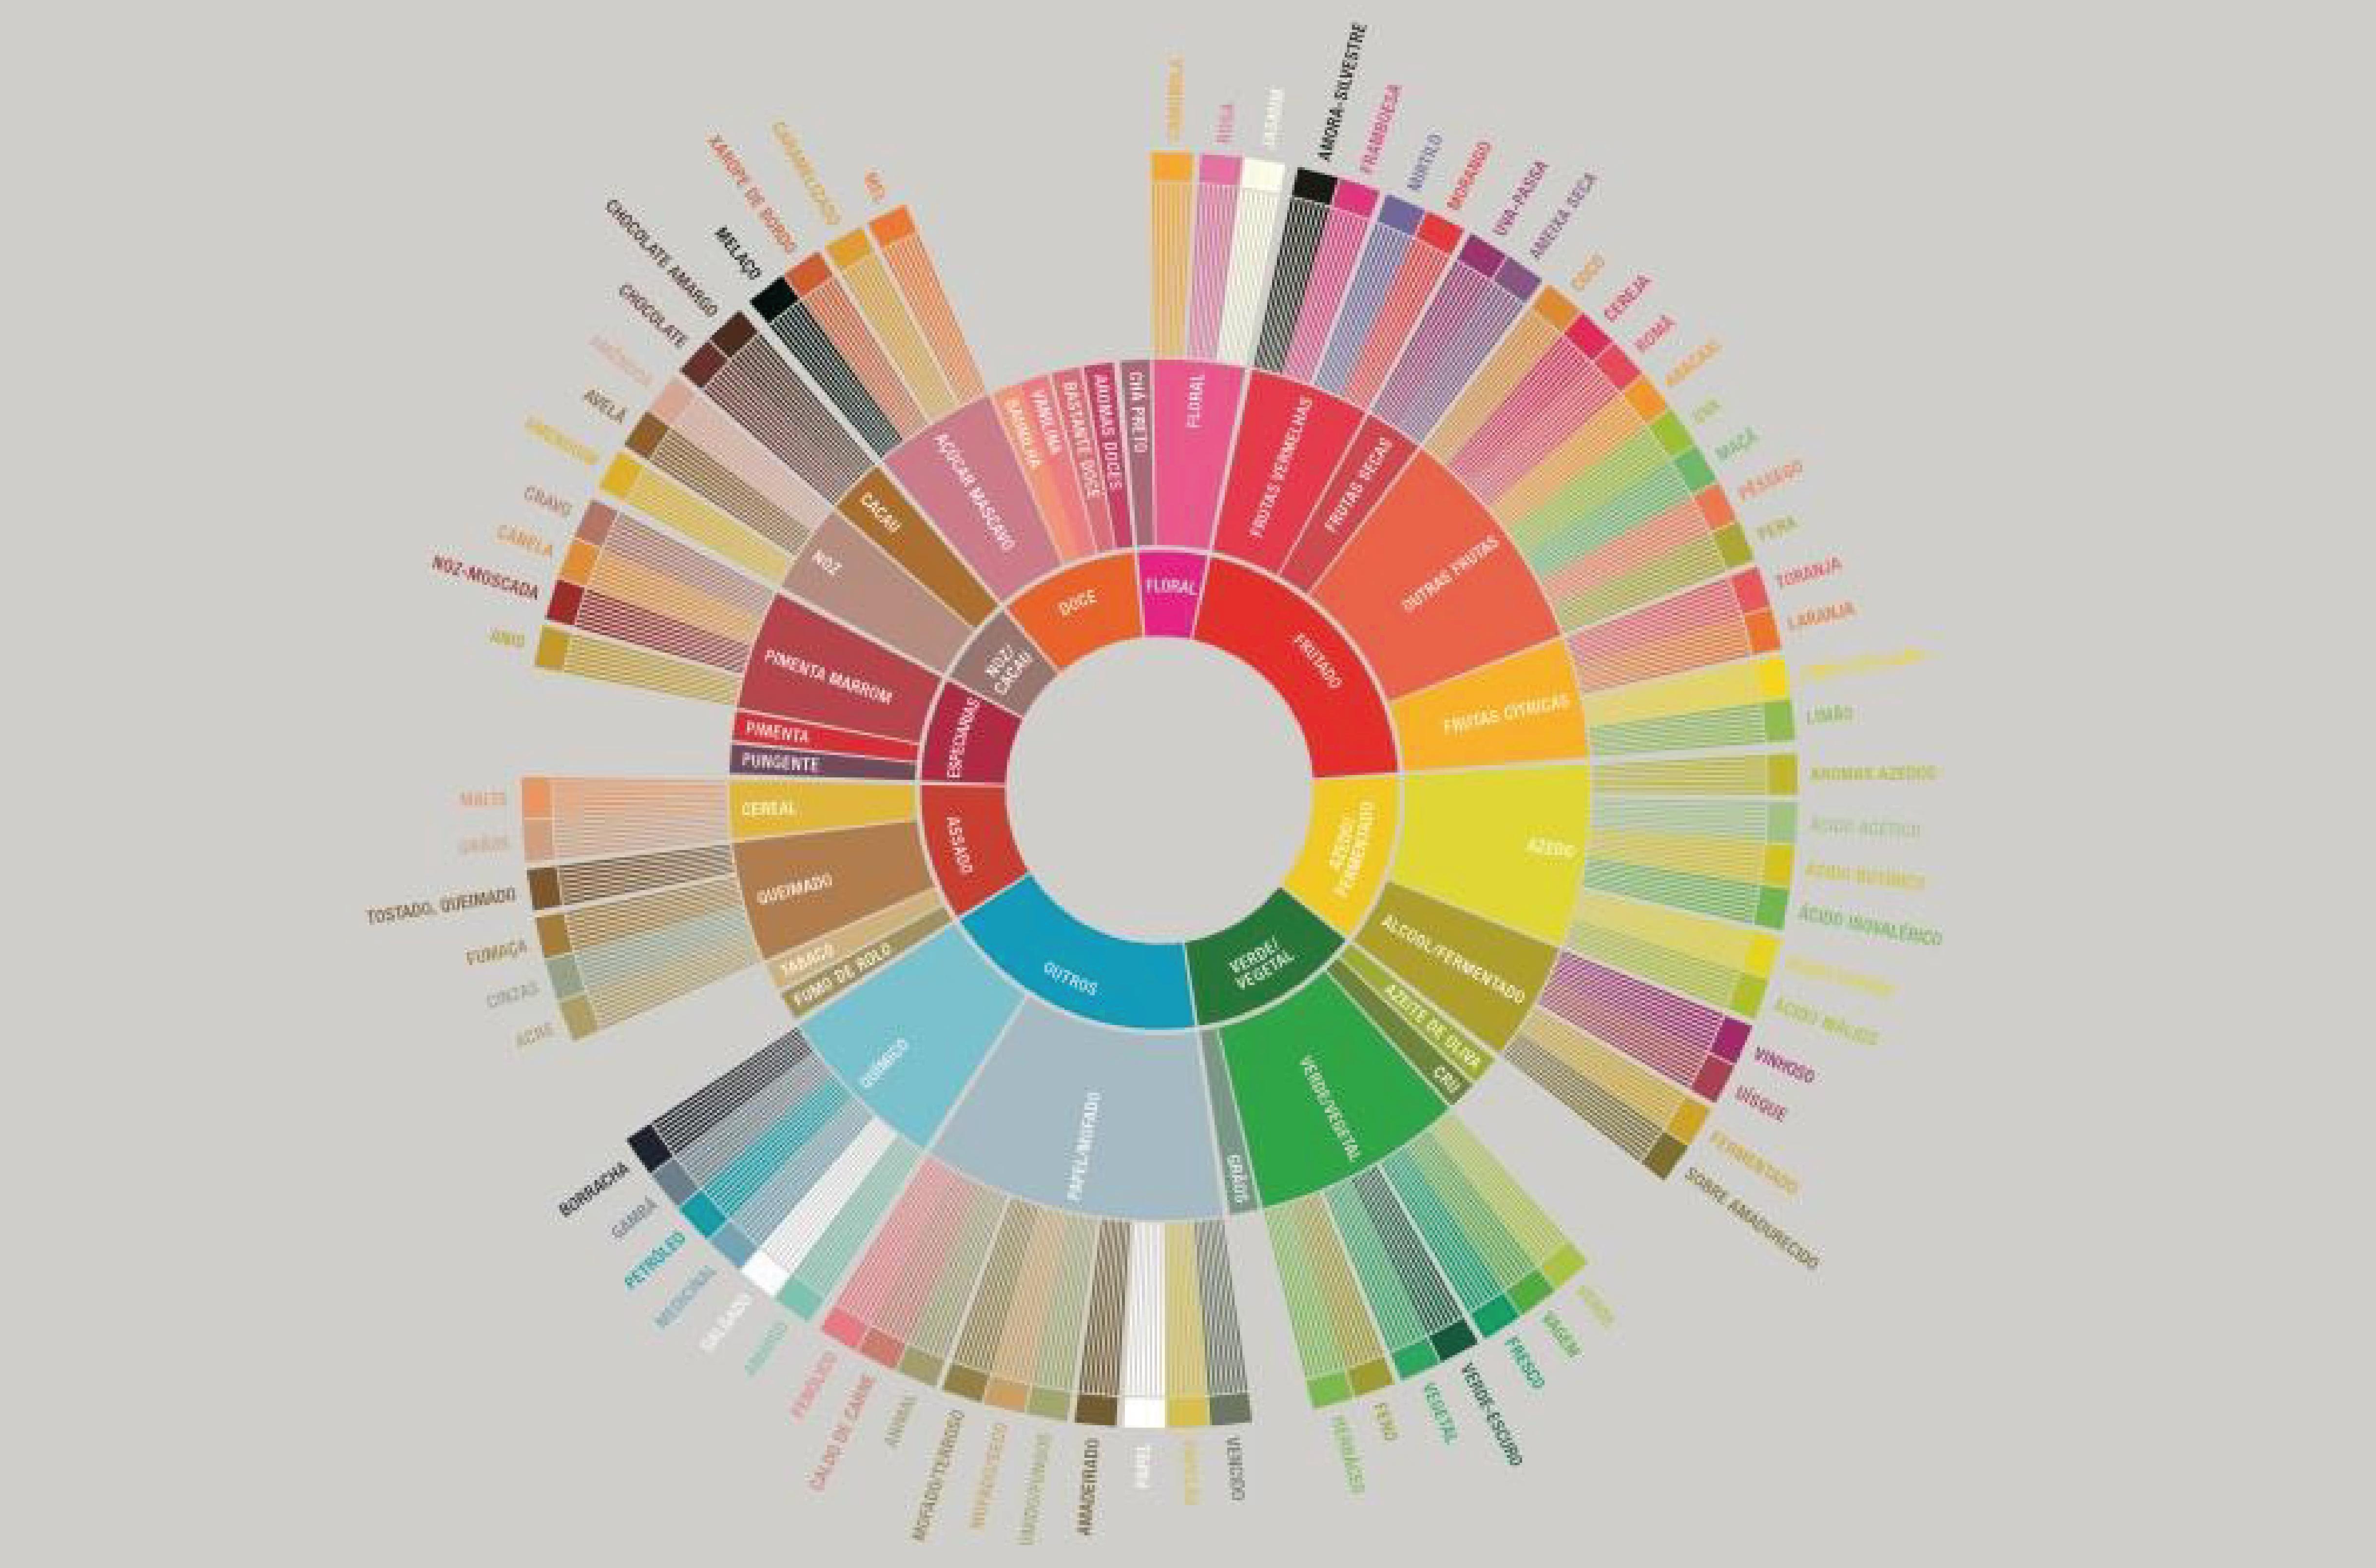 círculo colorido com sabores escritos